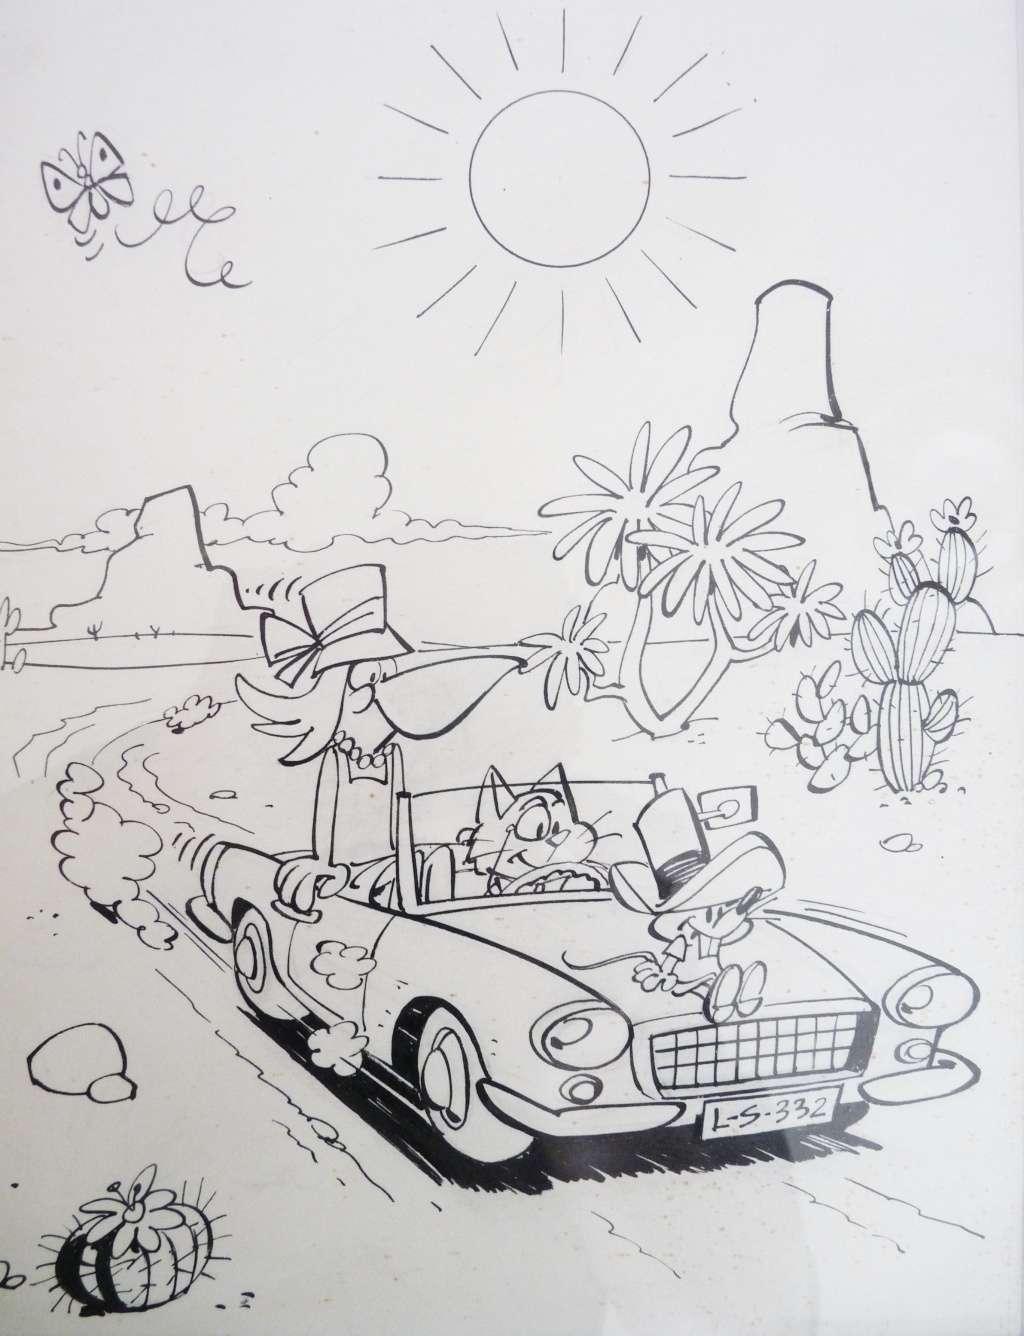 Le cadre merveilleux de Raymond Macherot - Page 13 Macher19